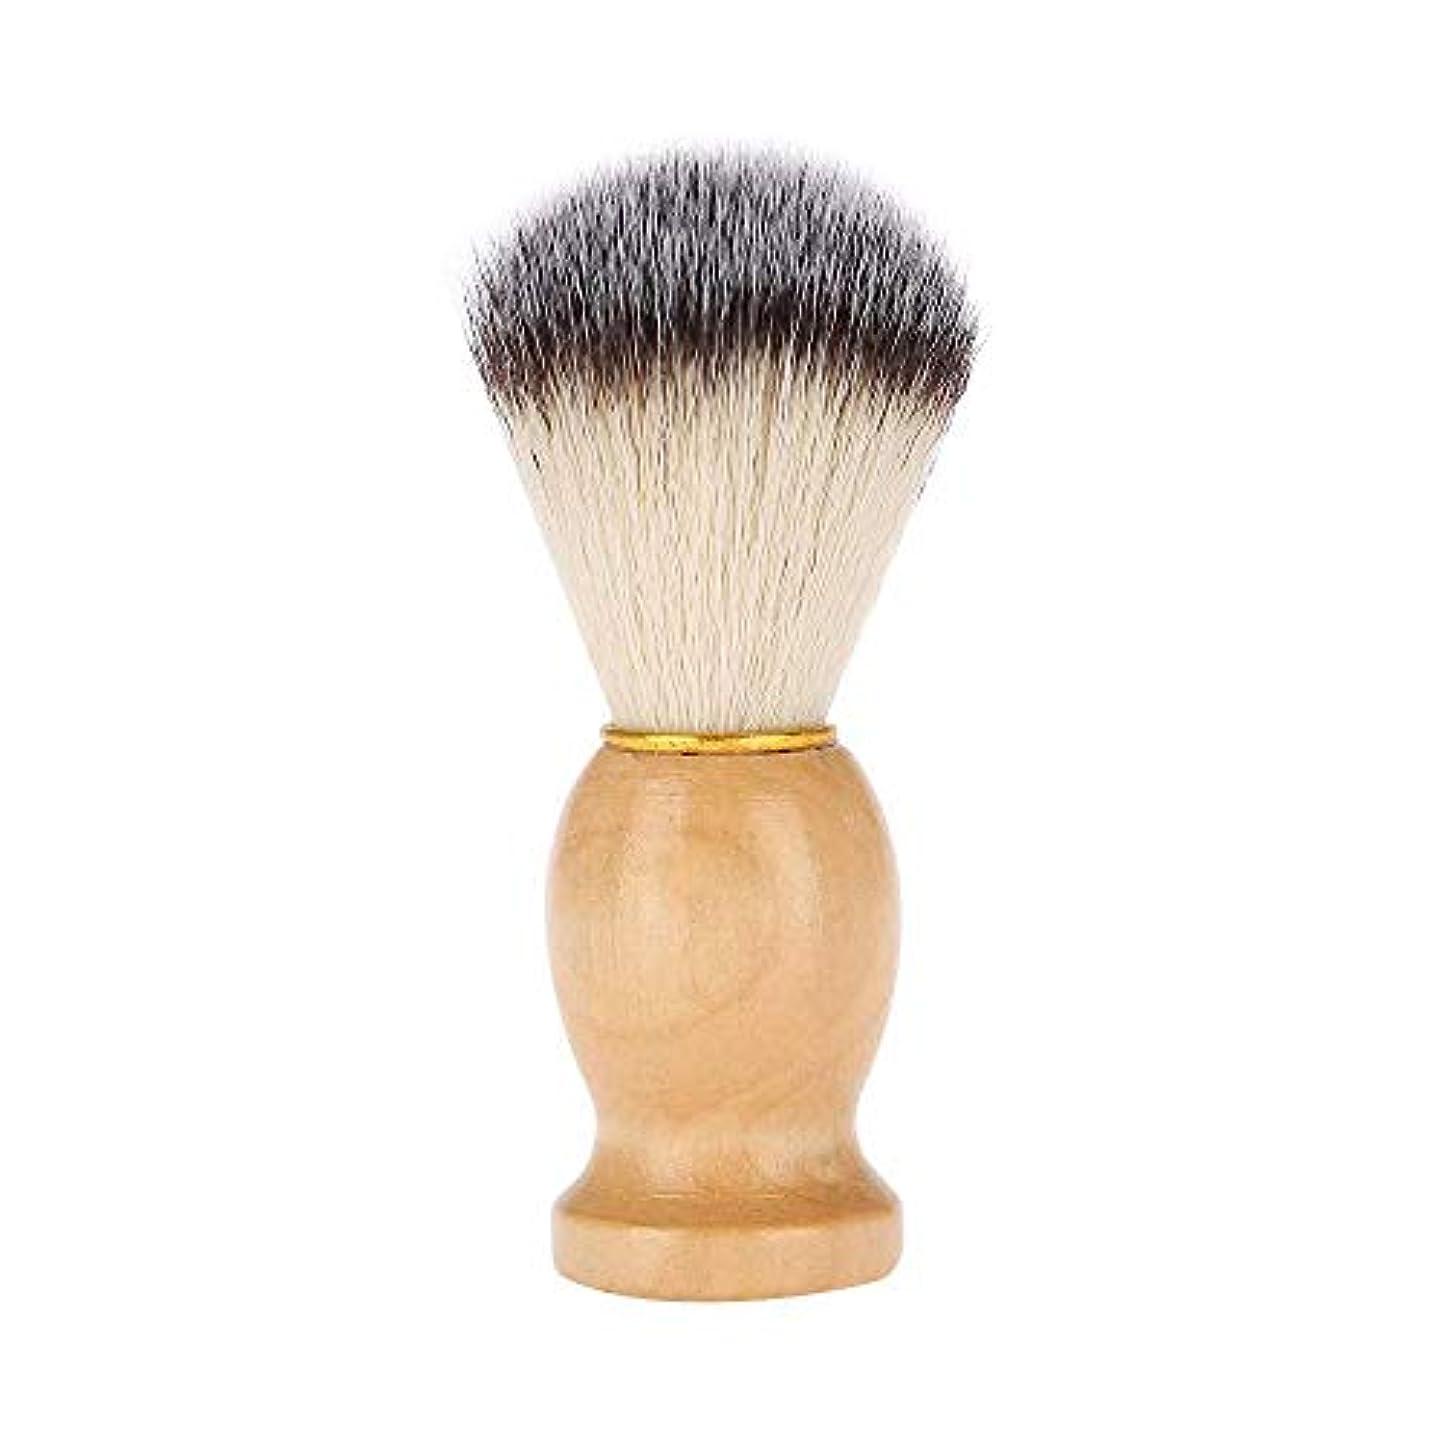 メール相手抑圧する1 ひげブラシメンズシ毛髭ブラシと木製コム ェービングブラシ 美容ツール 髭剃り メンズ シェービングブラシ ポータブルひげ剃り黄